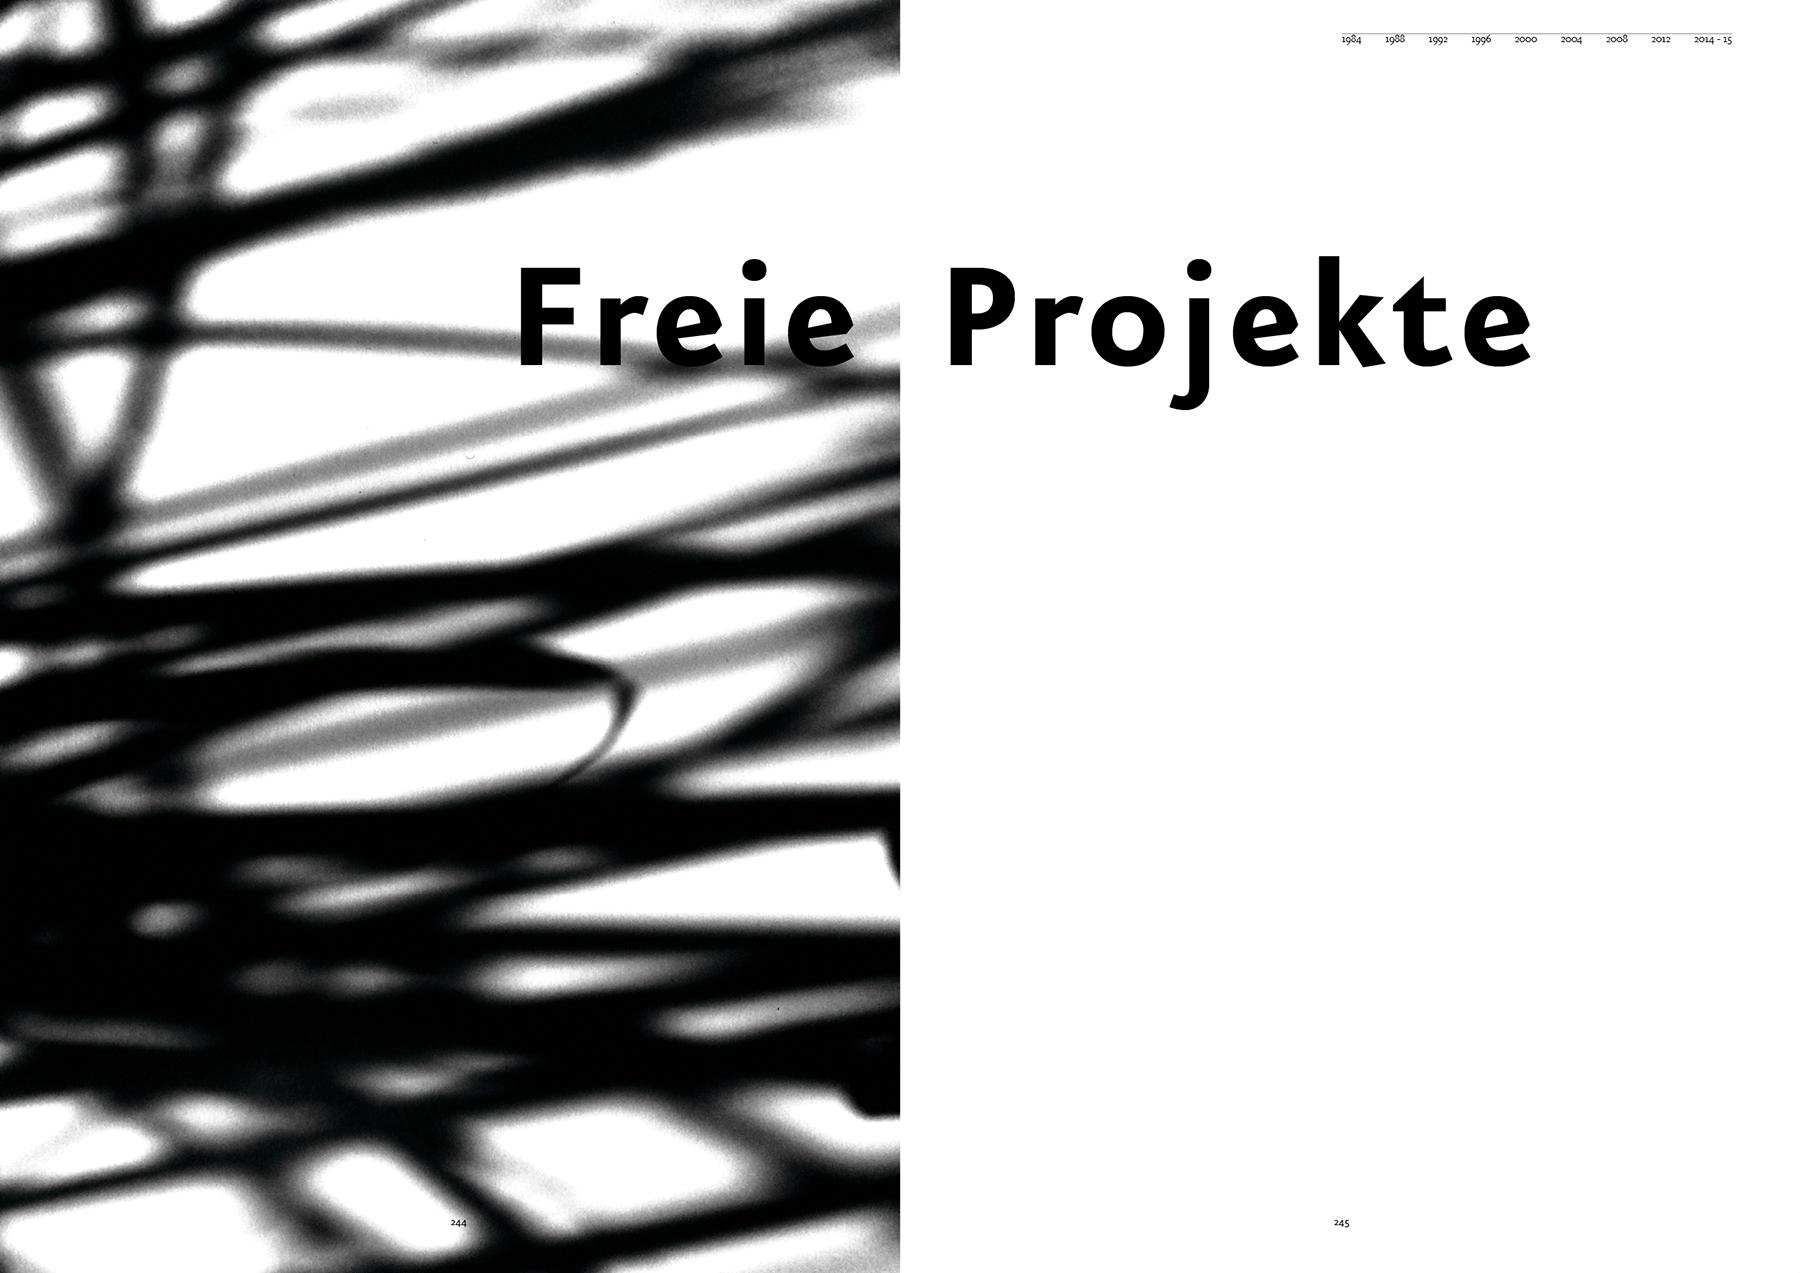 sabine-mescher-sichtung-designbilderbuch-freie-projekte.png